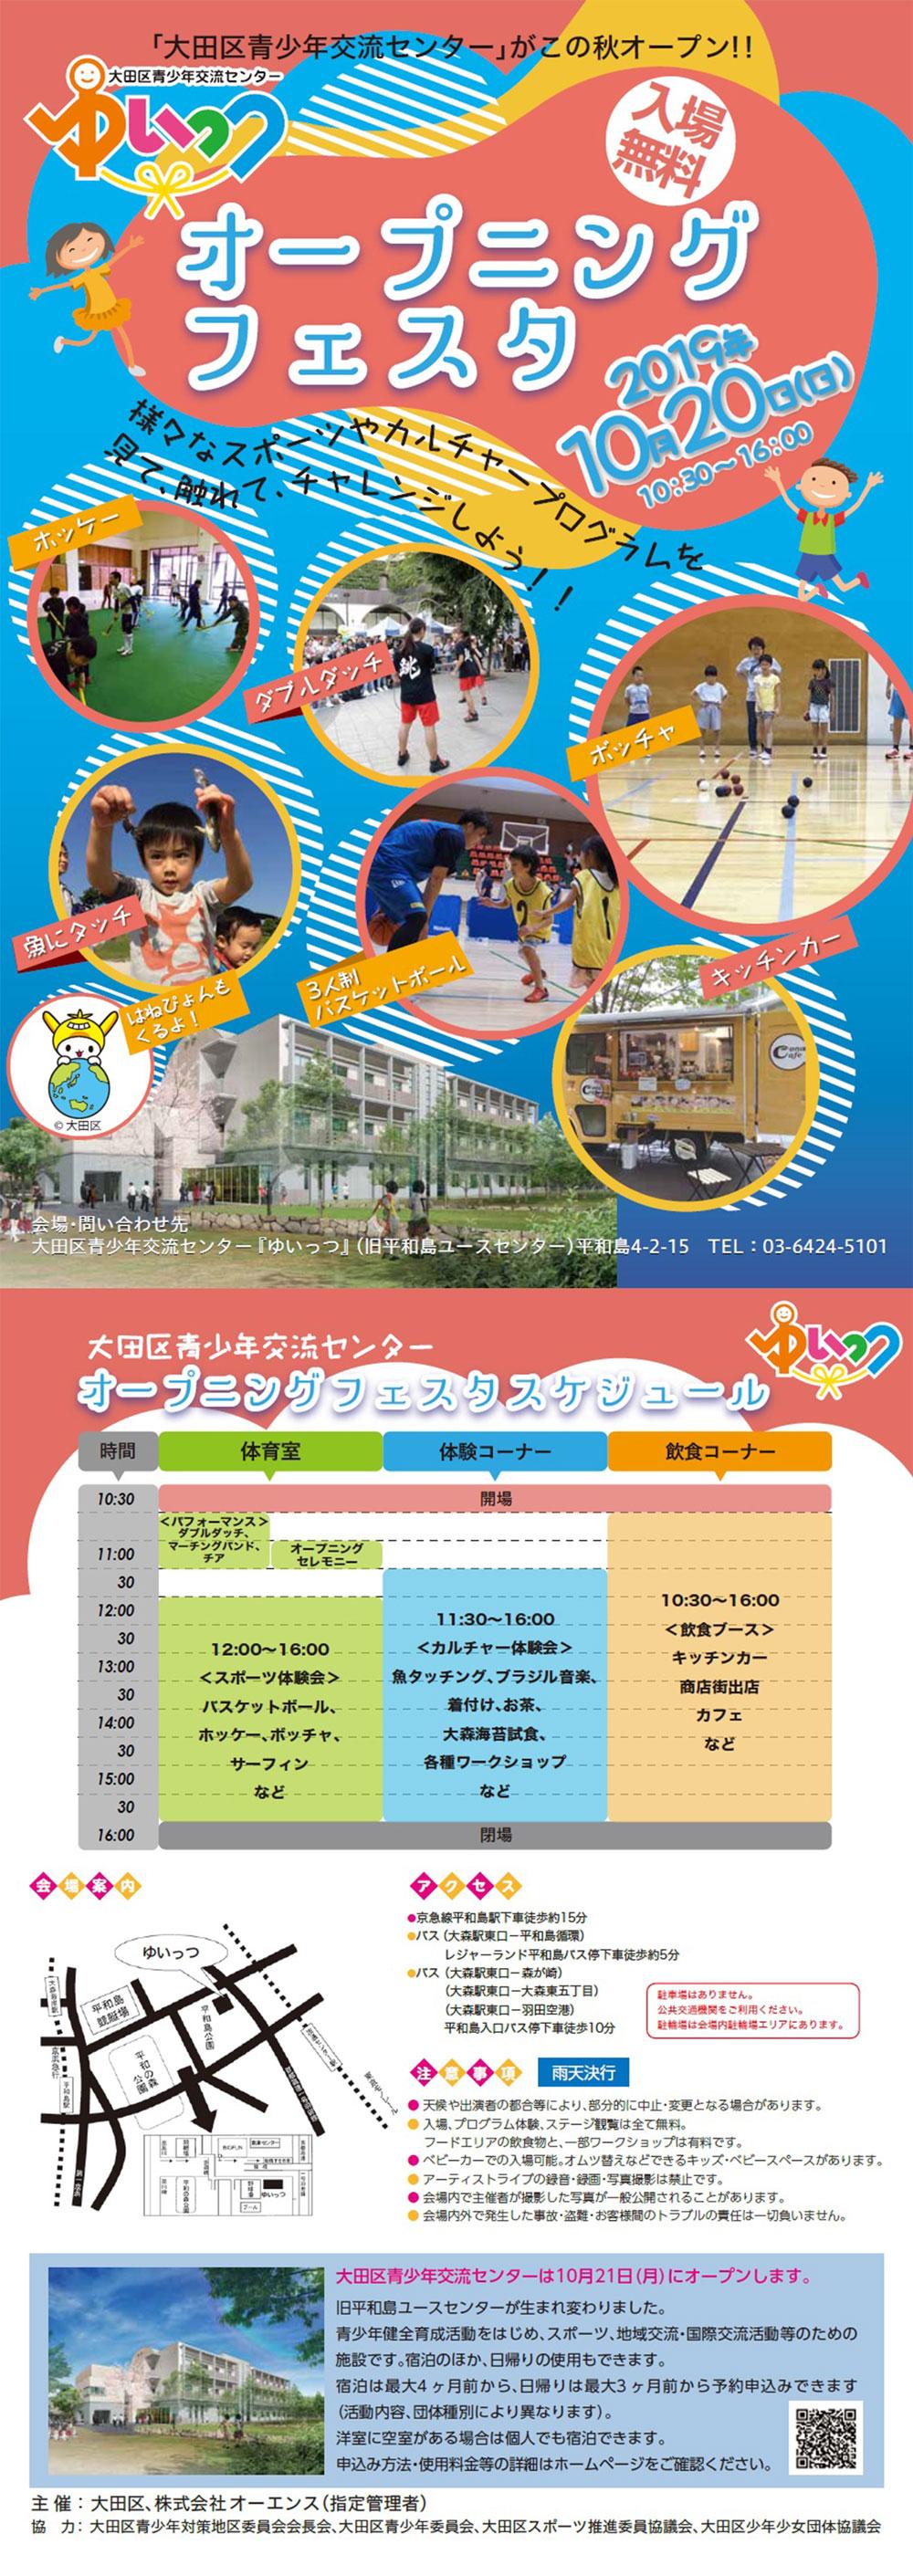 大田区青少年交流センター『ゆいっつ』オープニングフェスタ